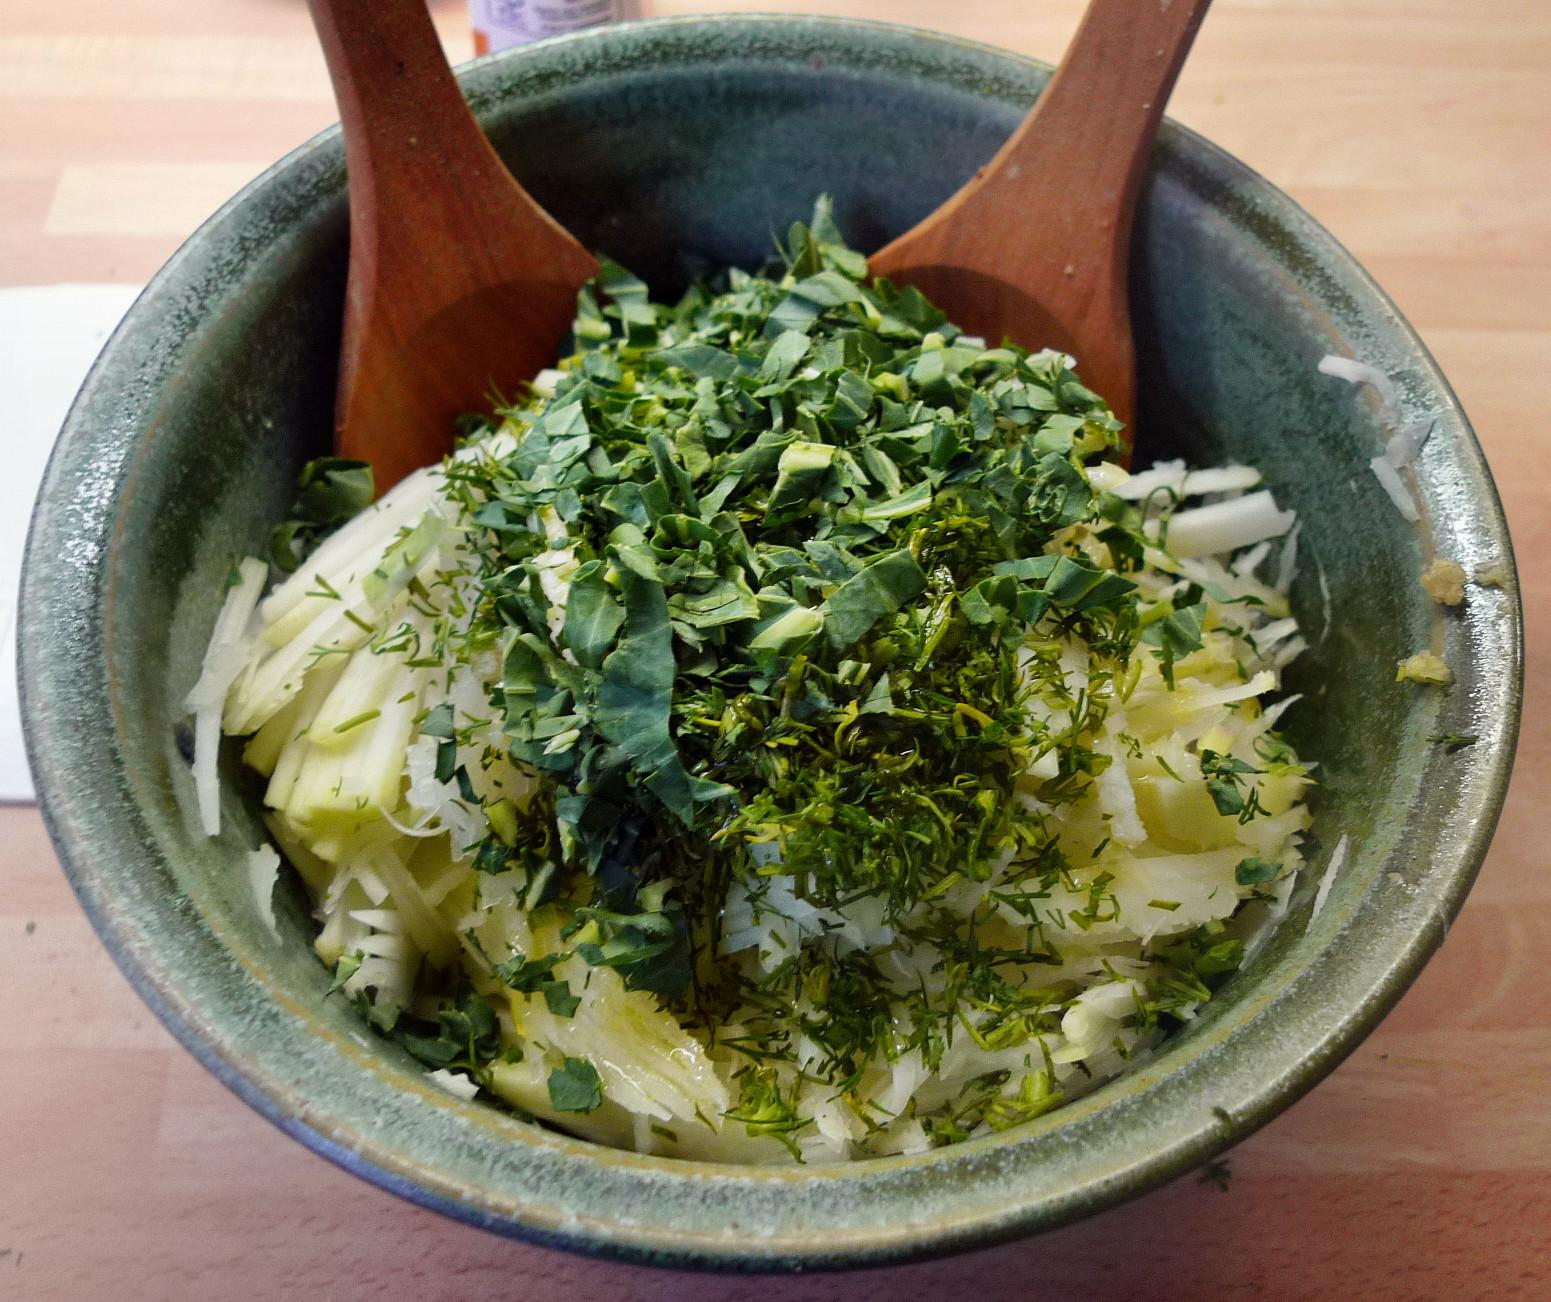 Rote betegemüse,gebratener Reis,Joghurtdip,Kohlrabisalat - 27.3.15   (7)